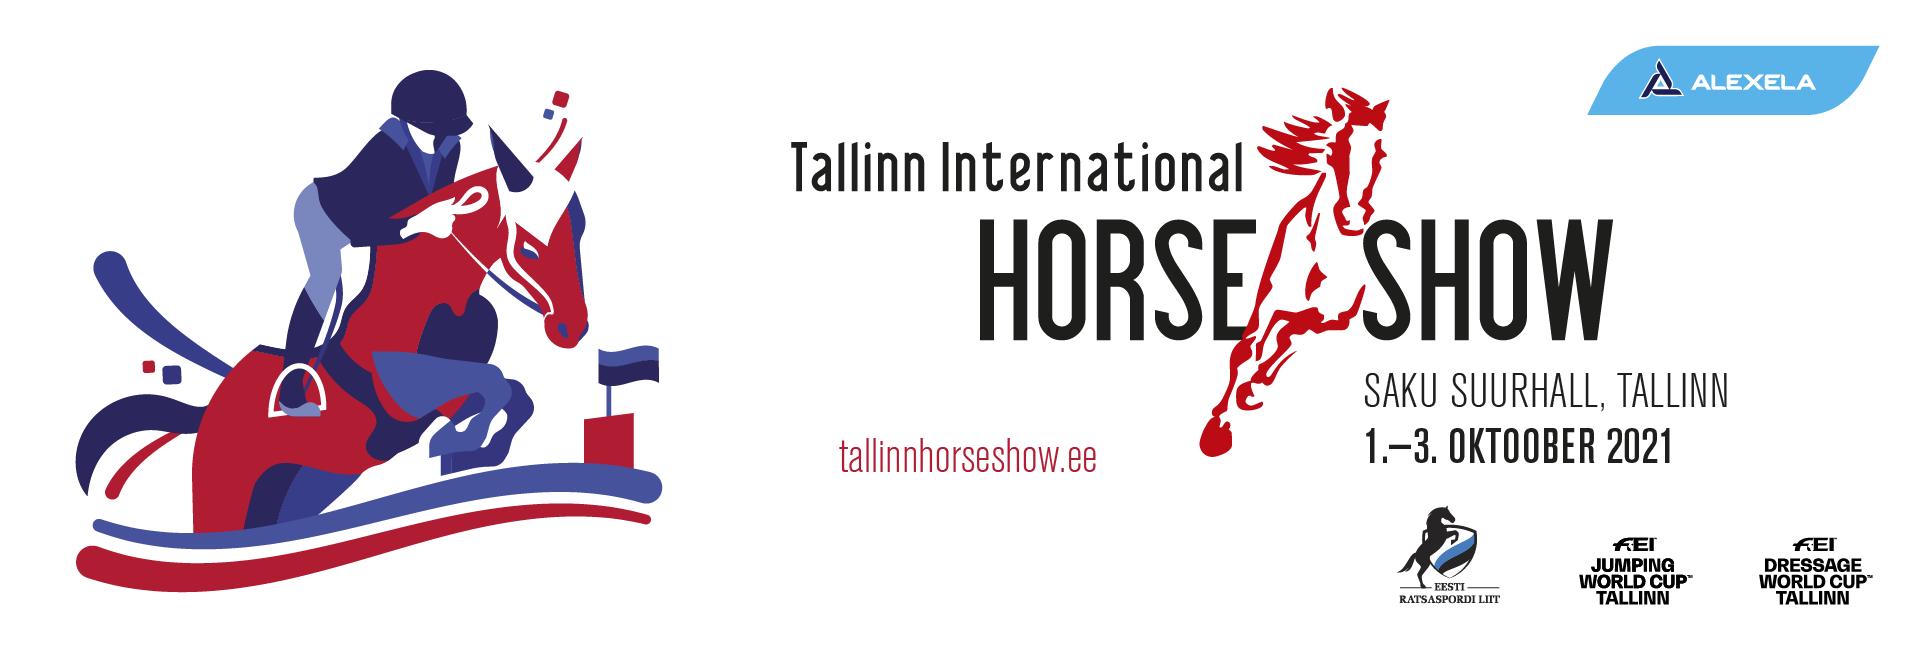 Tallinn International Horse Show 2021